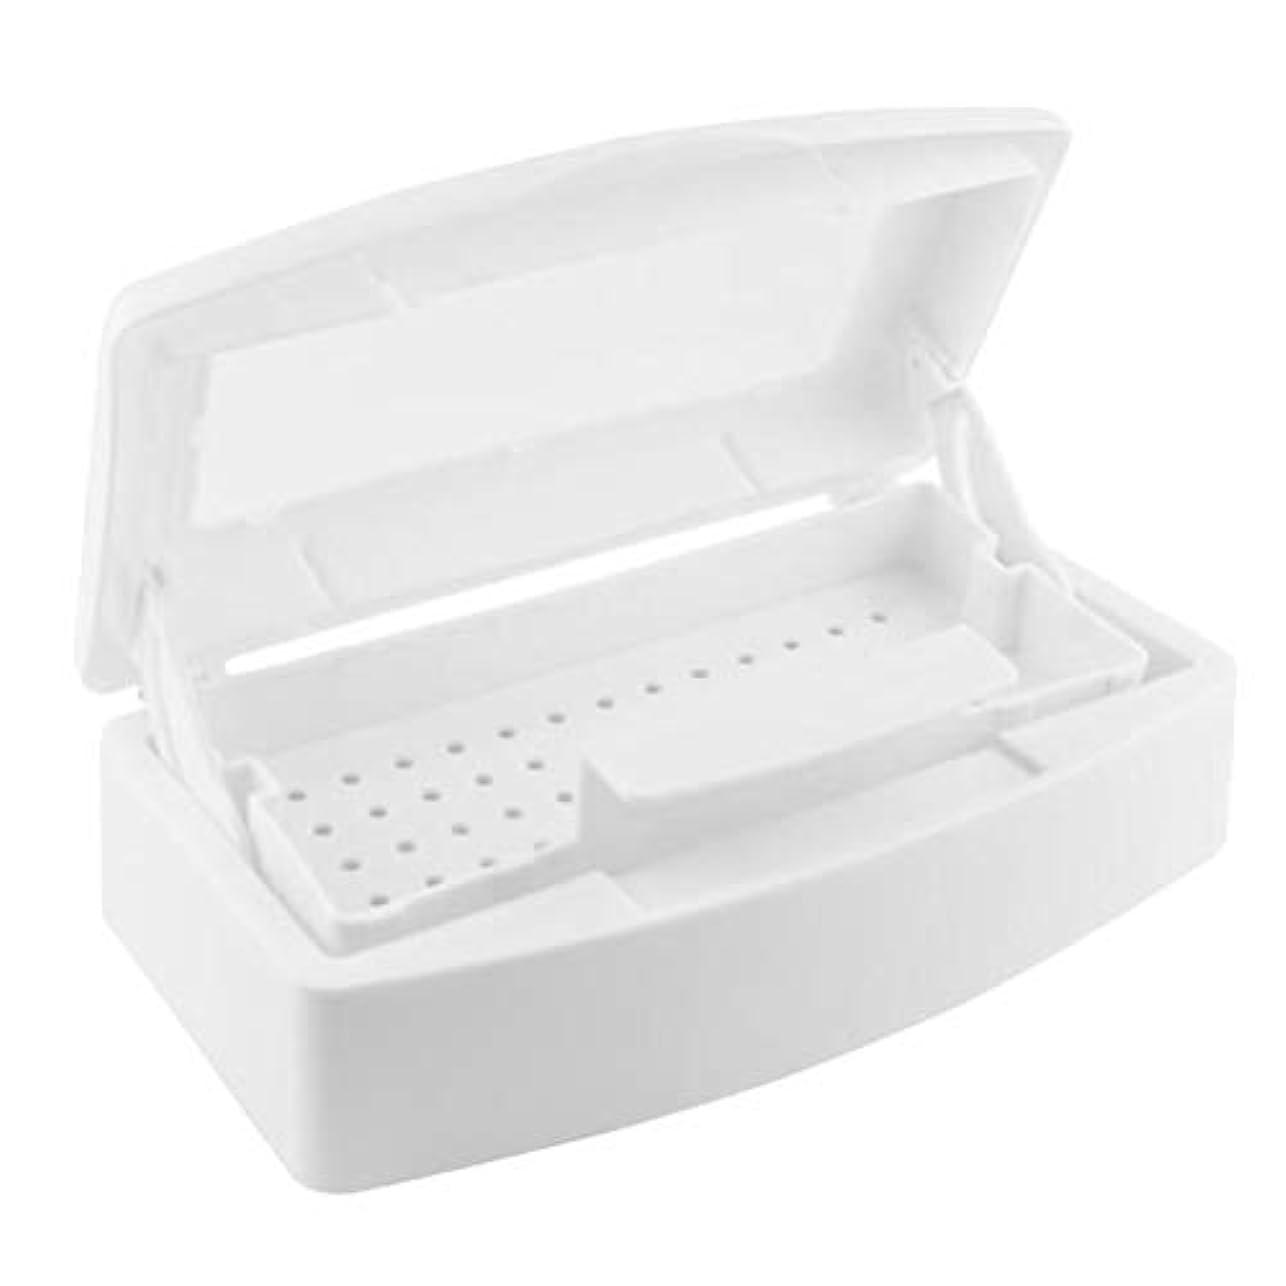 研究ルーチンチャンピオンBeaupretty ネイルツールクリーニングボックス清潔な殺菌ボックスまつげマニキュア道具透明なカバーホームセンター用